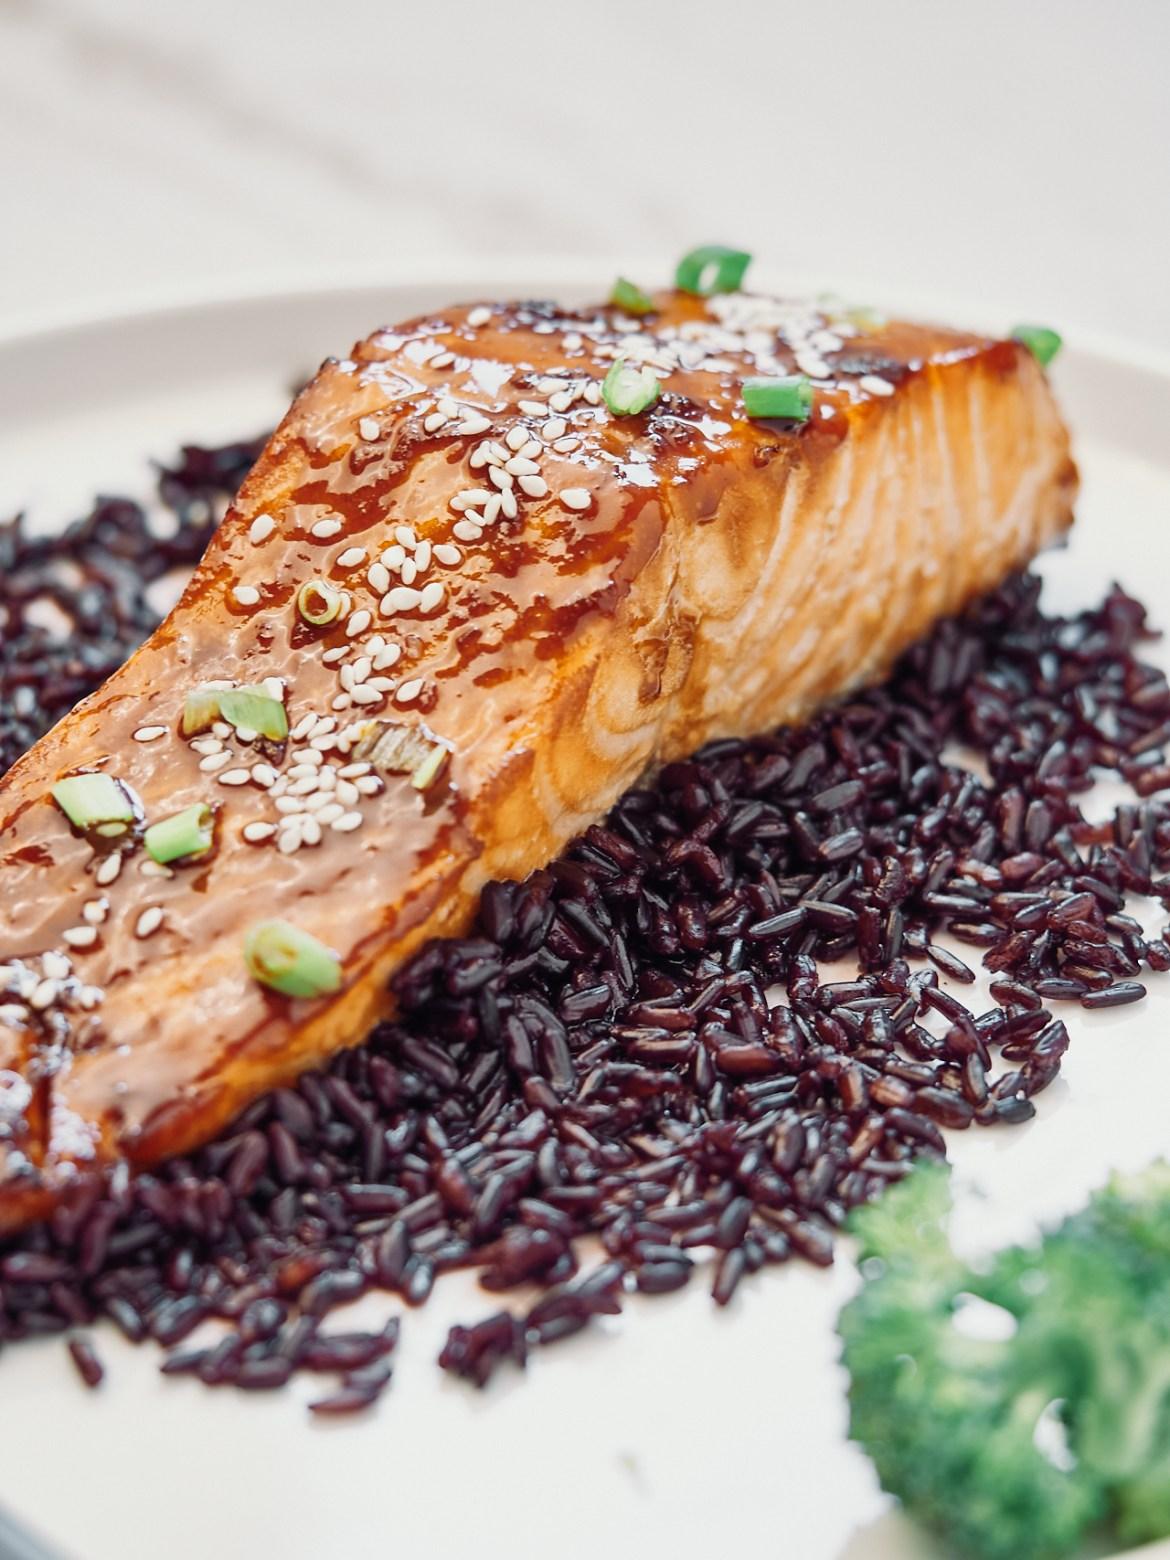 teriyaki salmon steak